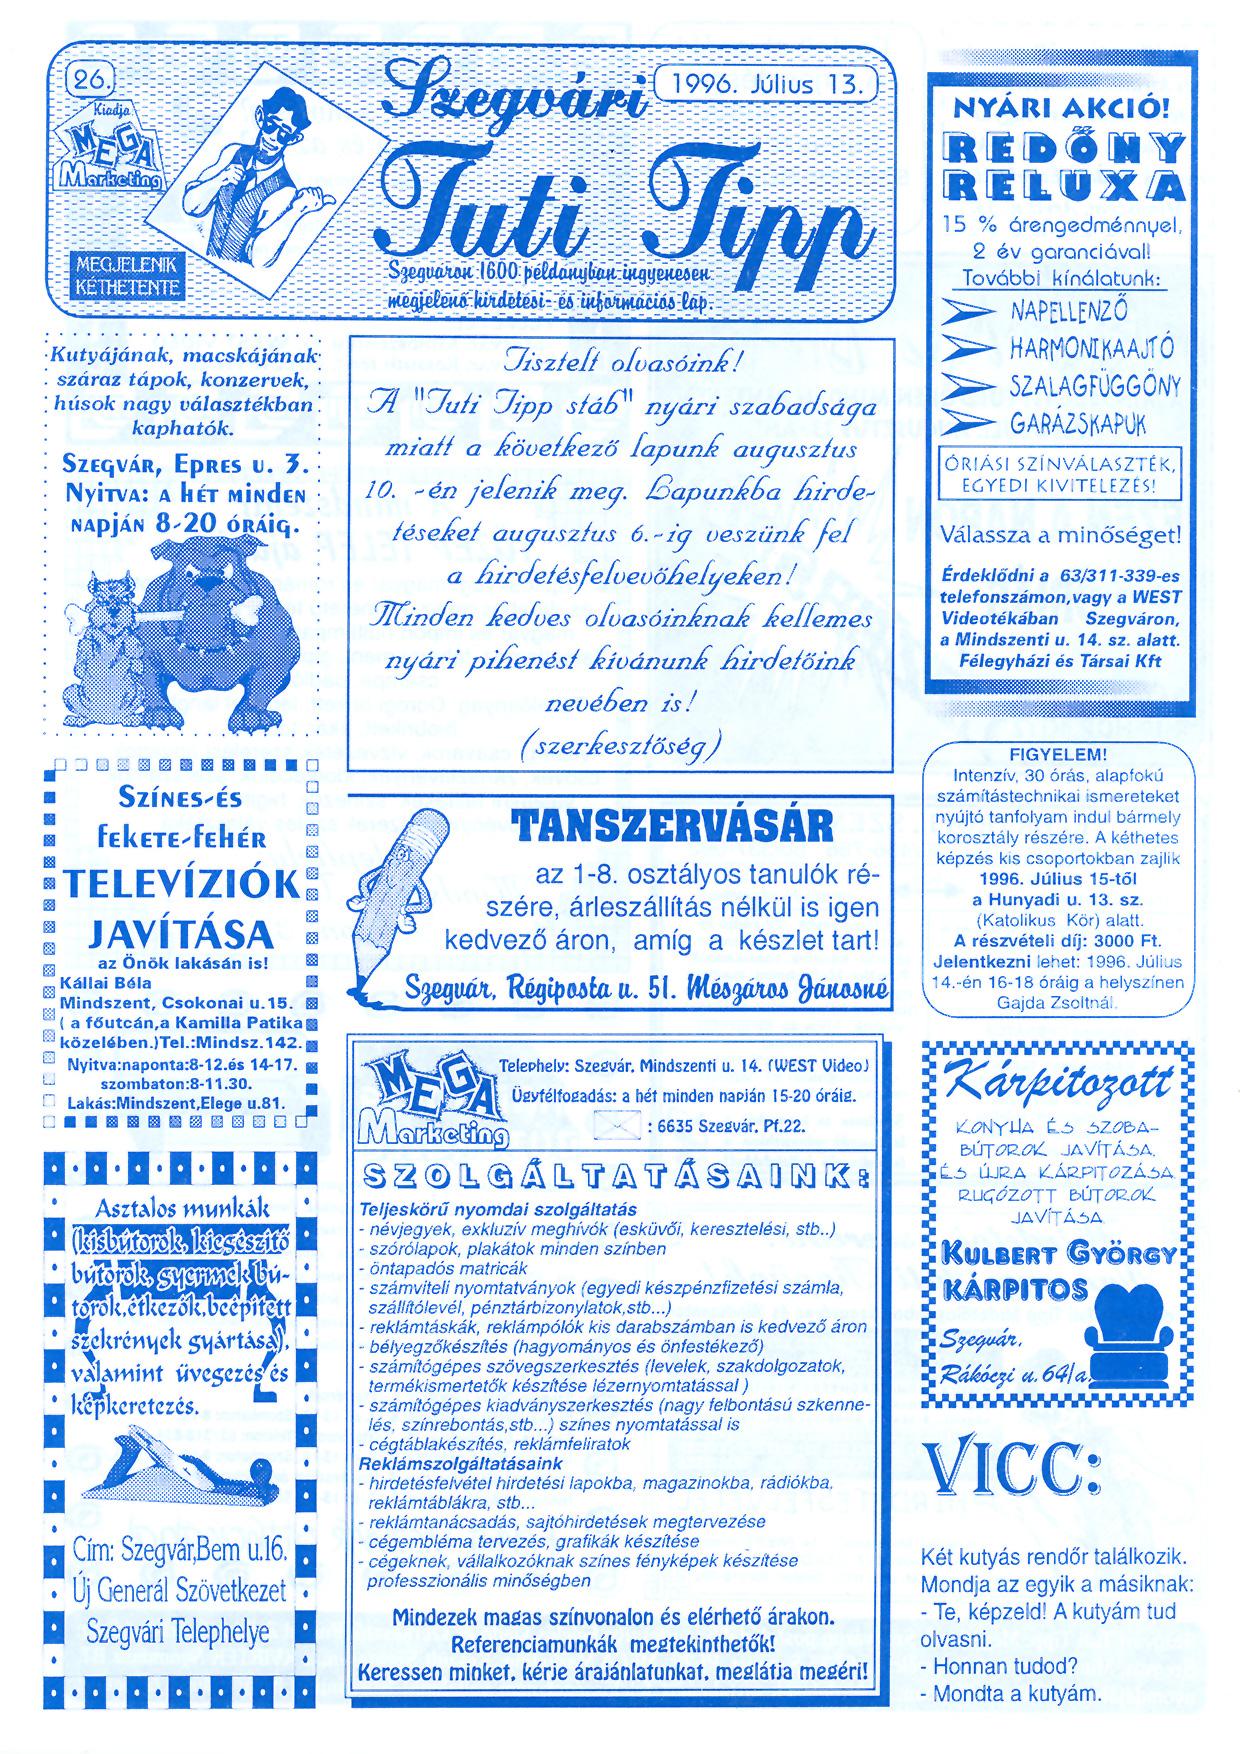 033 Szegvári Tuti Tipp reklámújság - 19960713-026. lapszám - 1.oldal - II. évfolyam.jpg